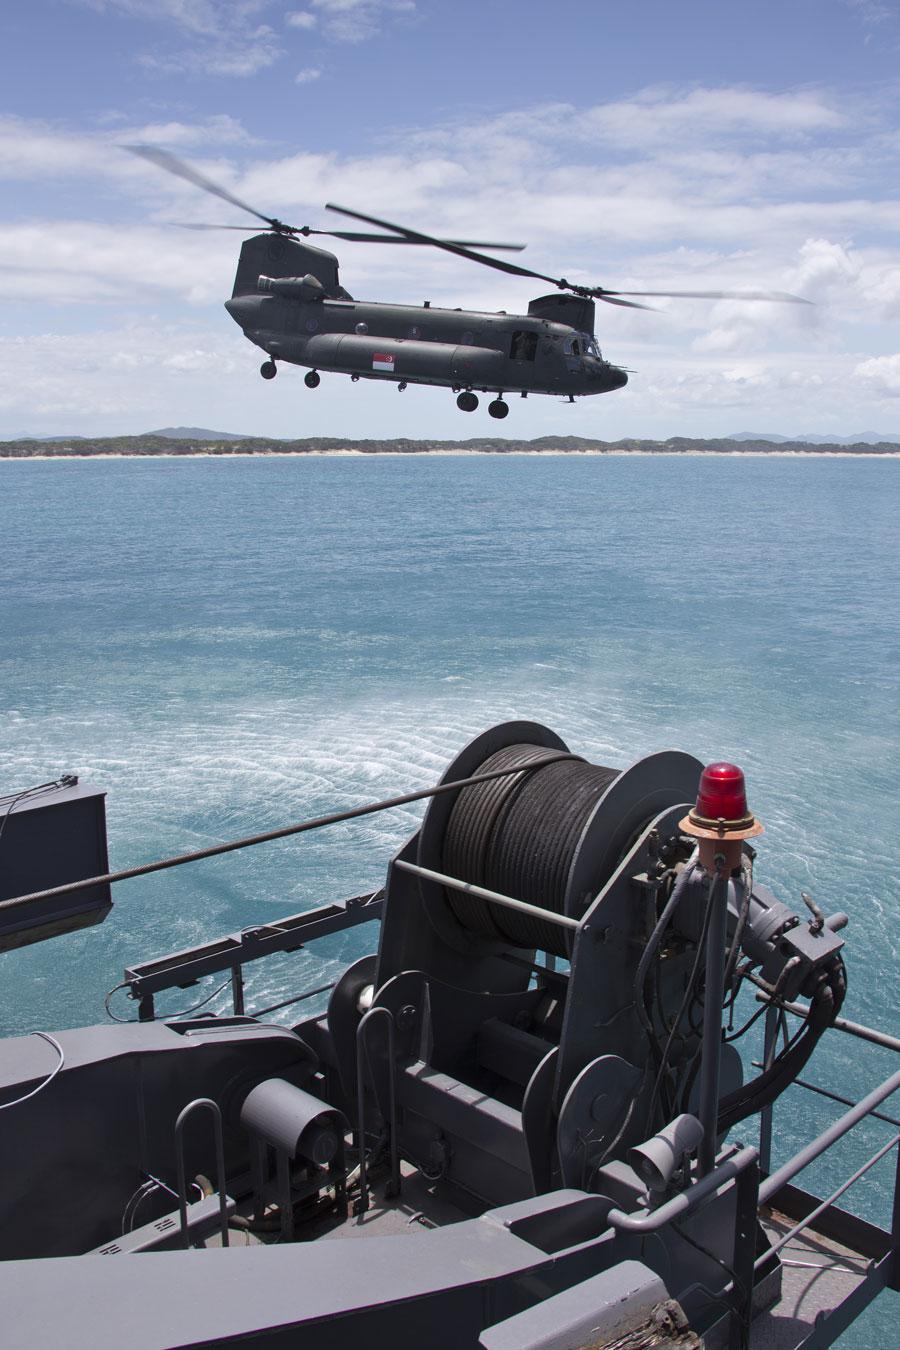 Ciężkie śmigłowce CH-47SD Chinook zostały zakupione w liczbie 16 egzemplarzy i obecnie są intensywnie eksploatowane, m.in. w różnorodnych operacjach na terenie Azji i Ameryki Północnej. Fot. Ministerstwo Obrony Australii.